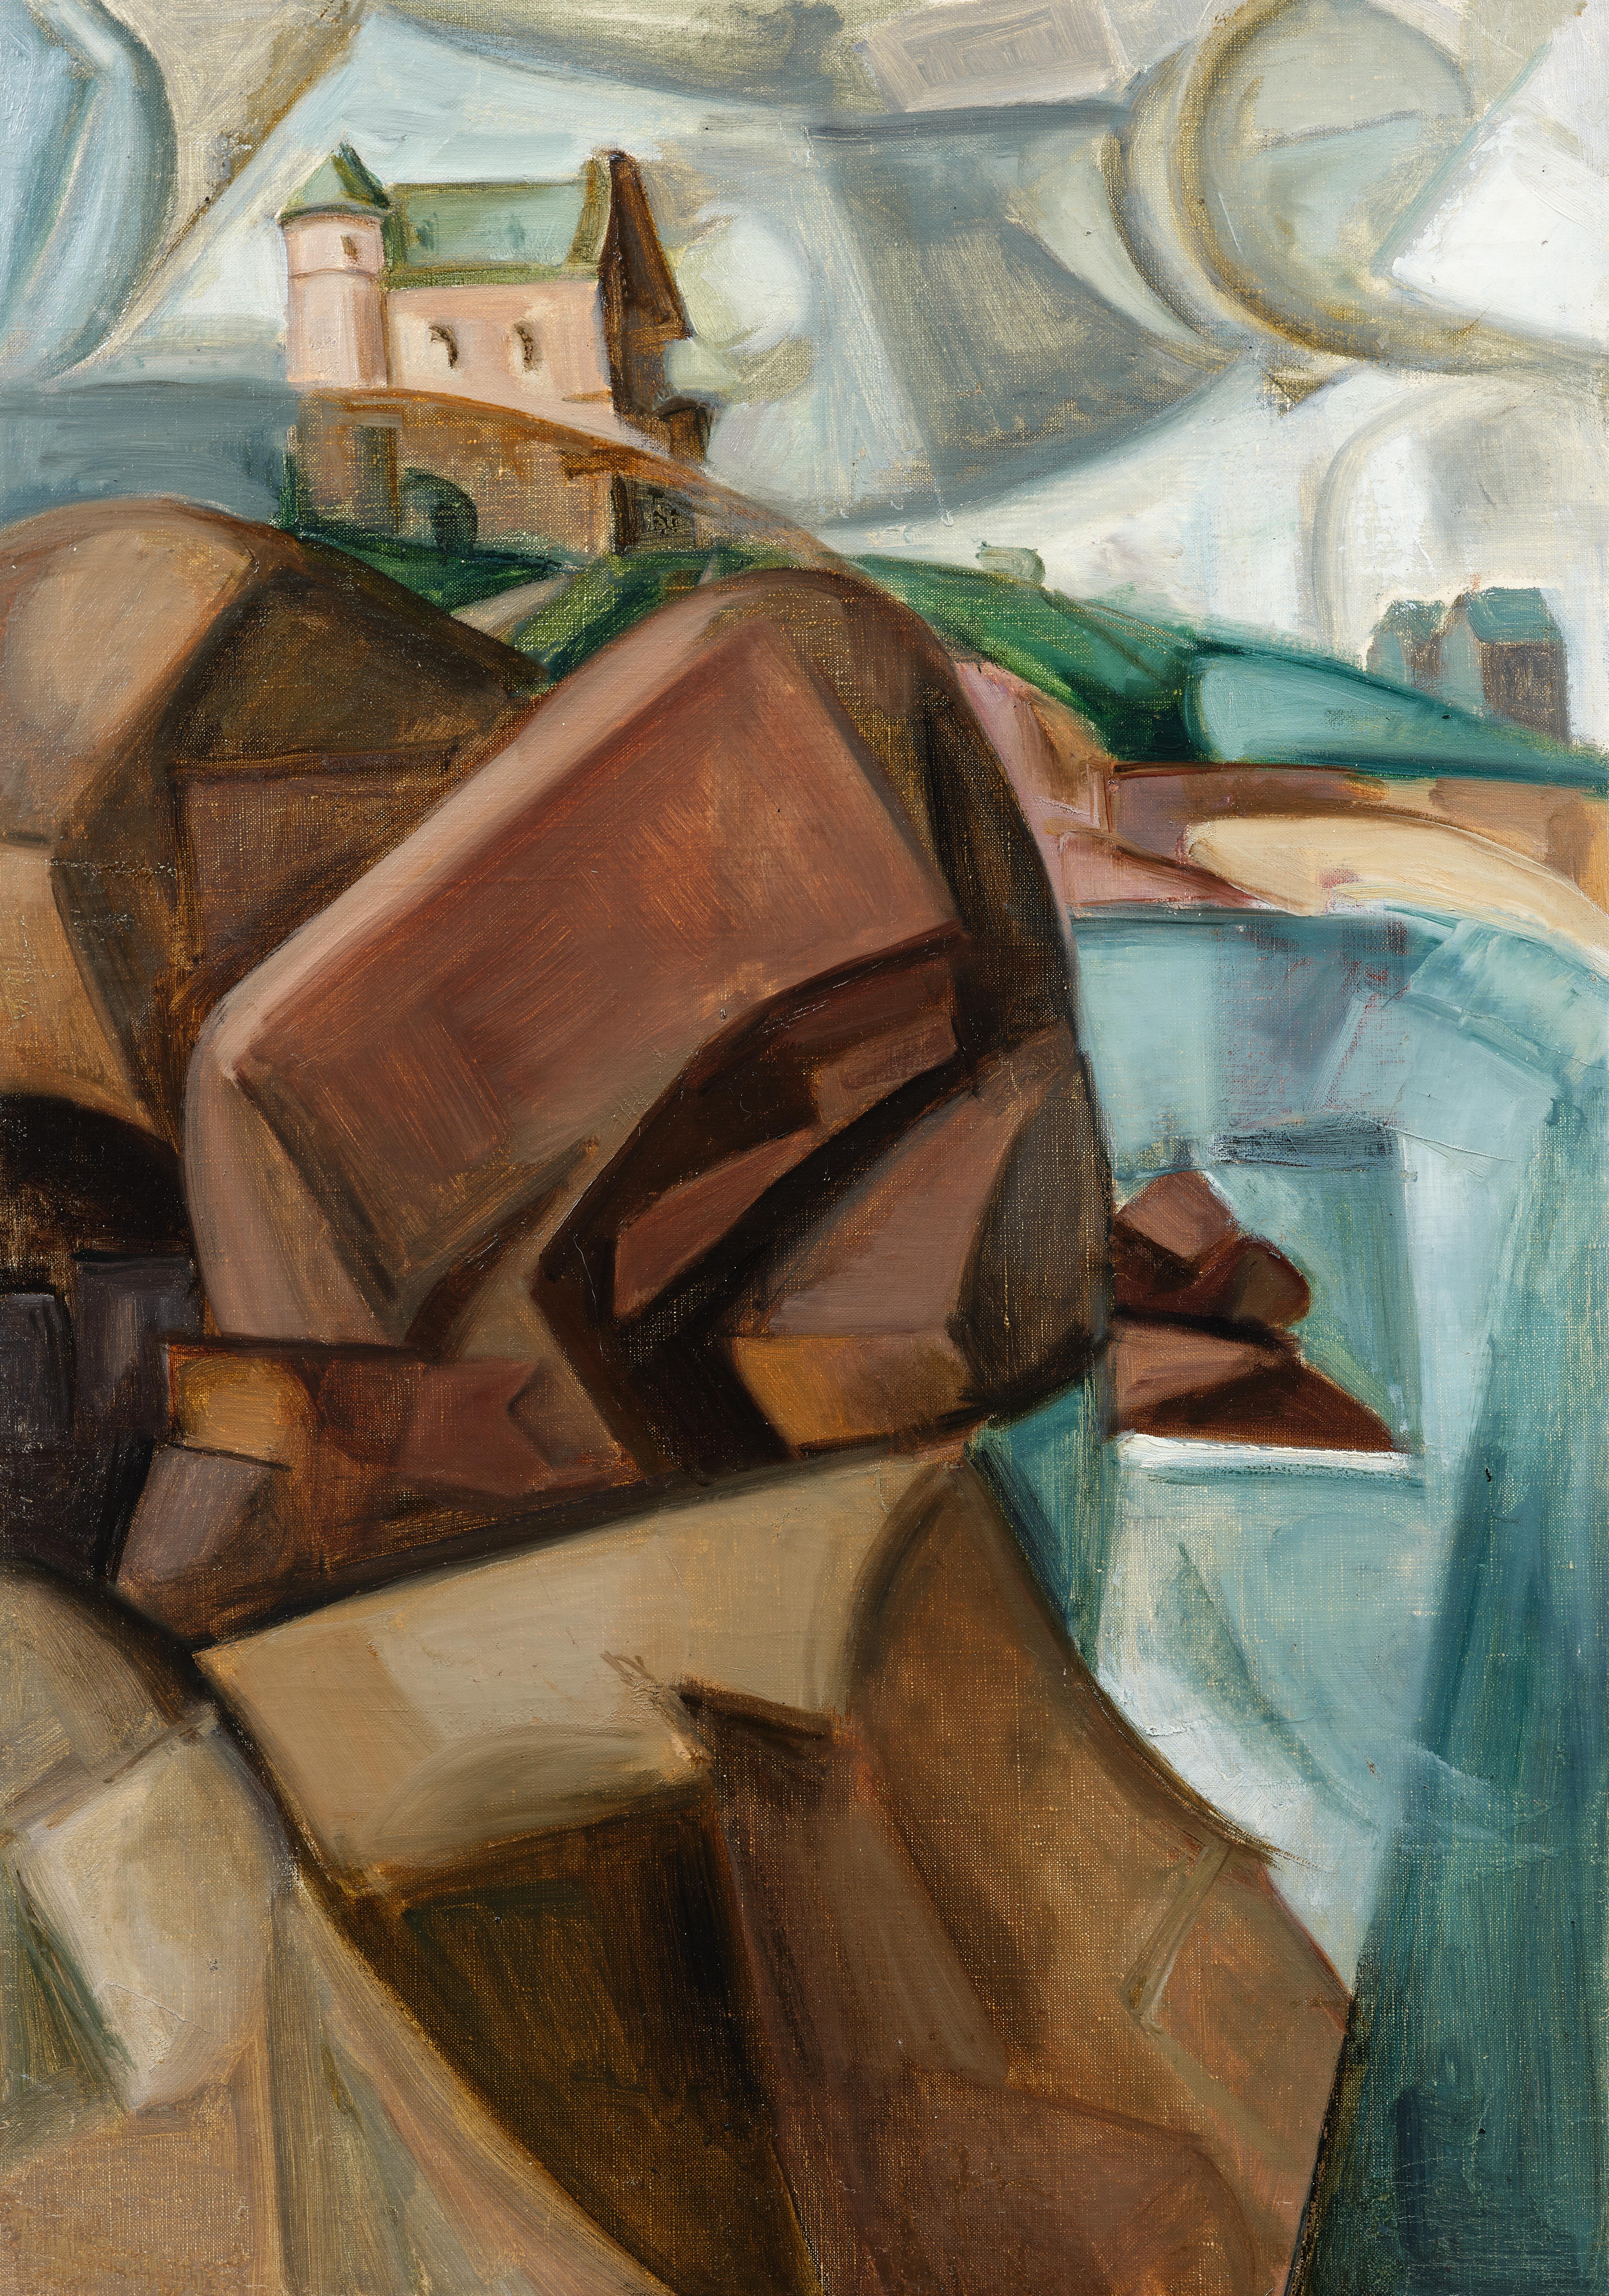 Falaise cubiste à Perros-Guirec - tableau de André Favory, vendu par la galerie Marek & Sons